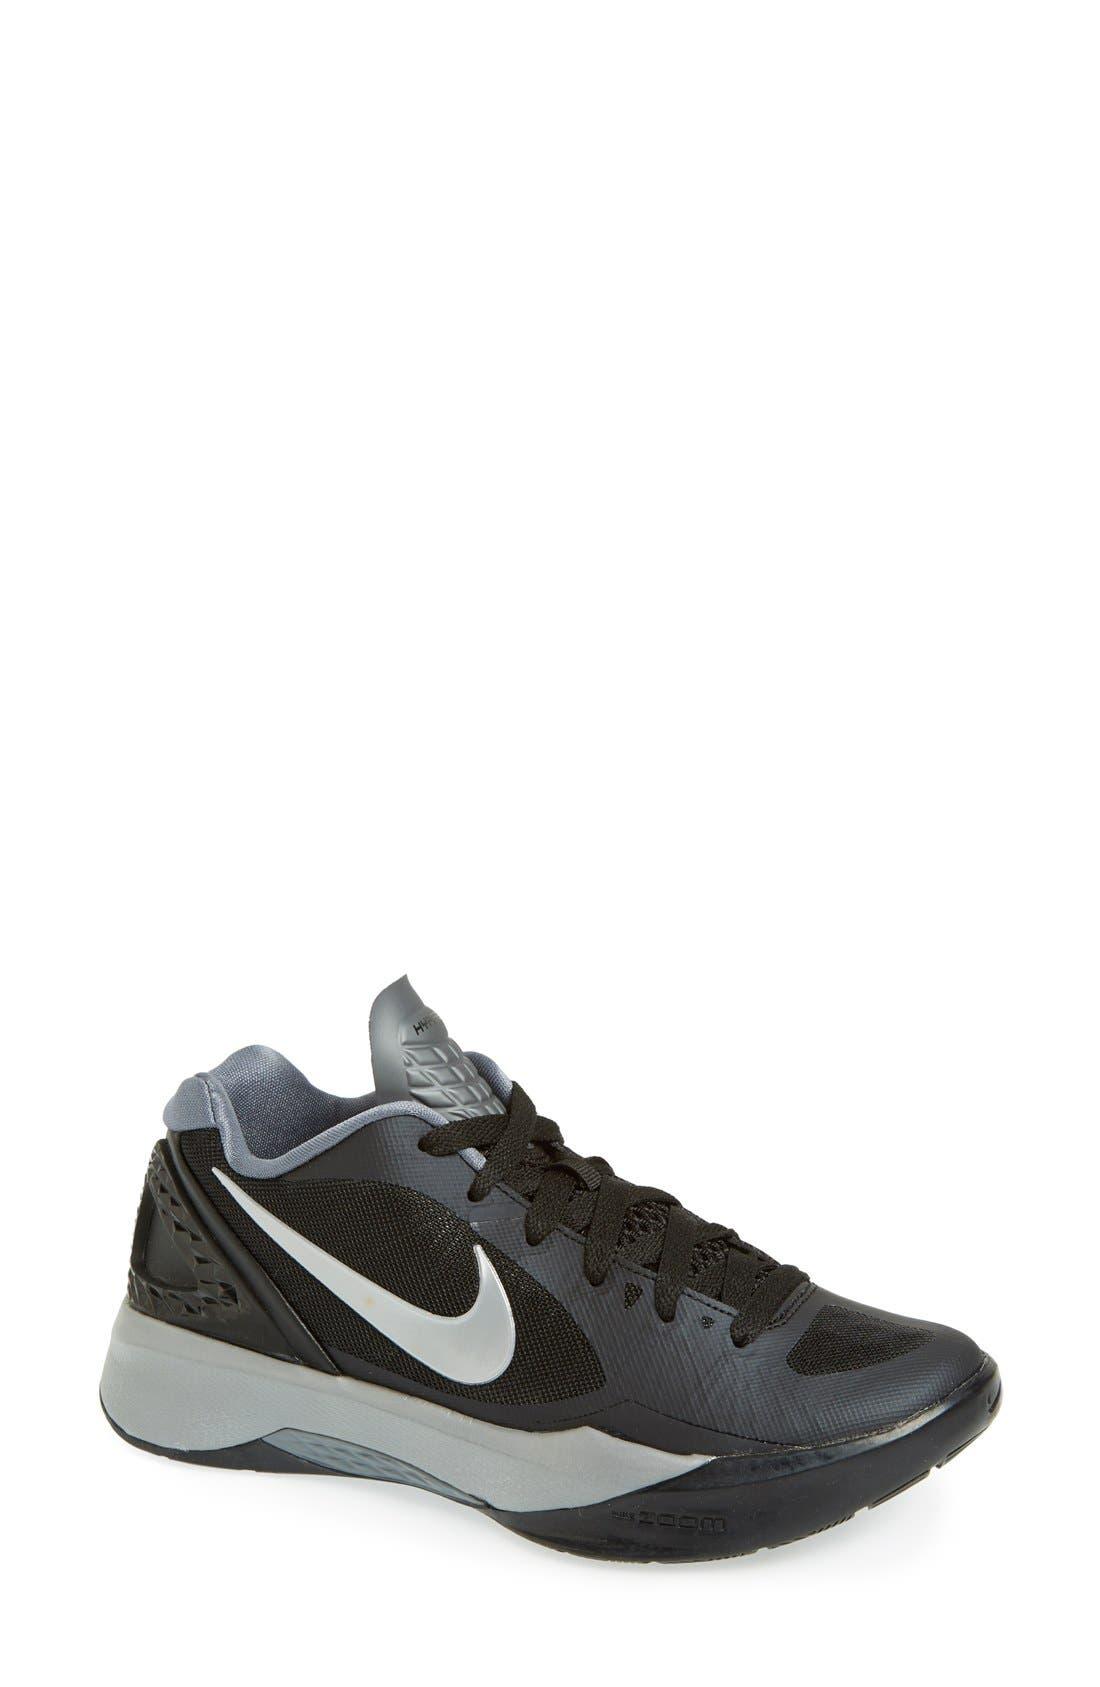 Nike 'Zoom Hyperspike' Volleyball Shoe